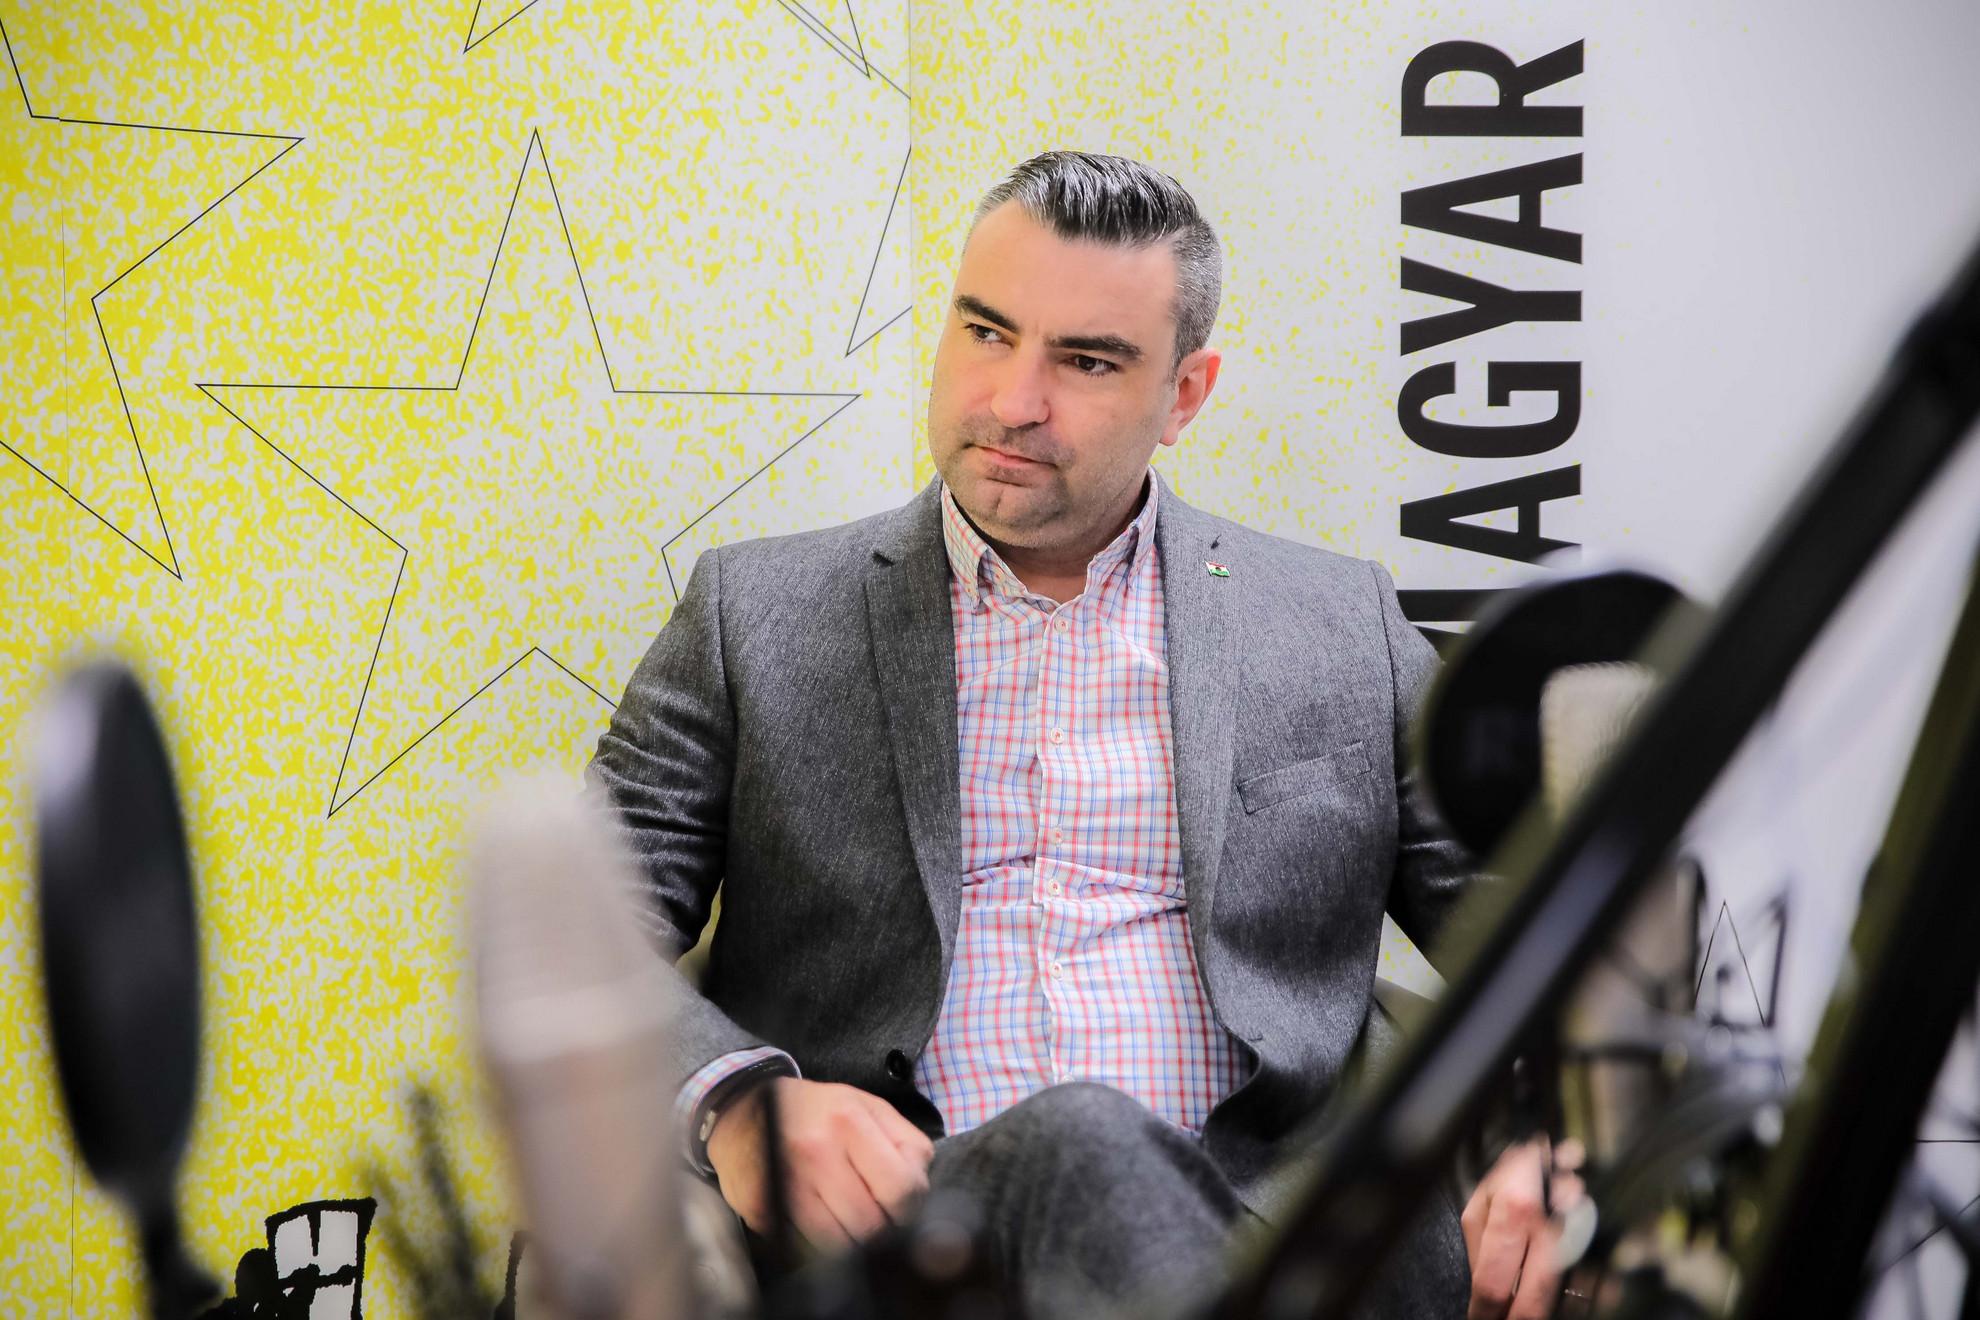 Ifj. Lomnici Zoltán, a Századvég jogi szakértője a Faktum műsorának felvételén